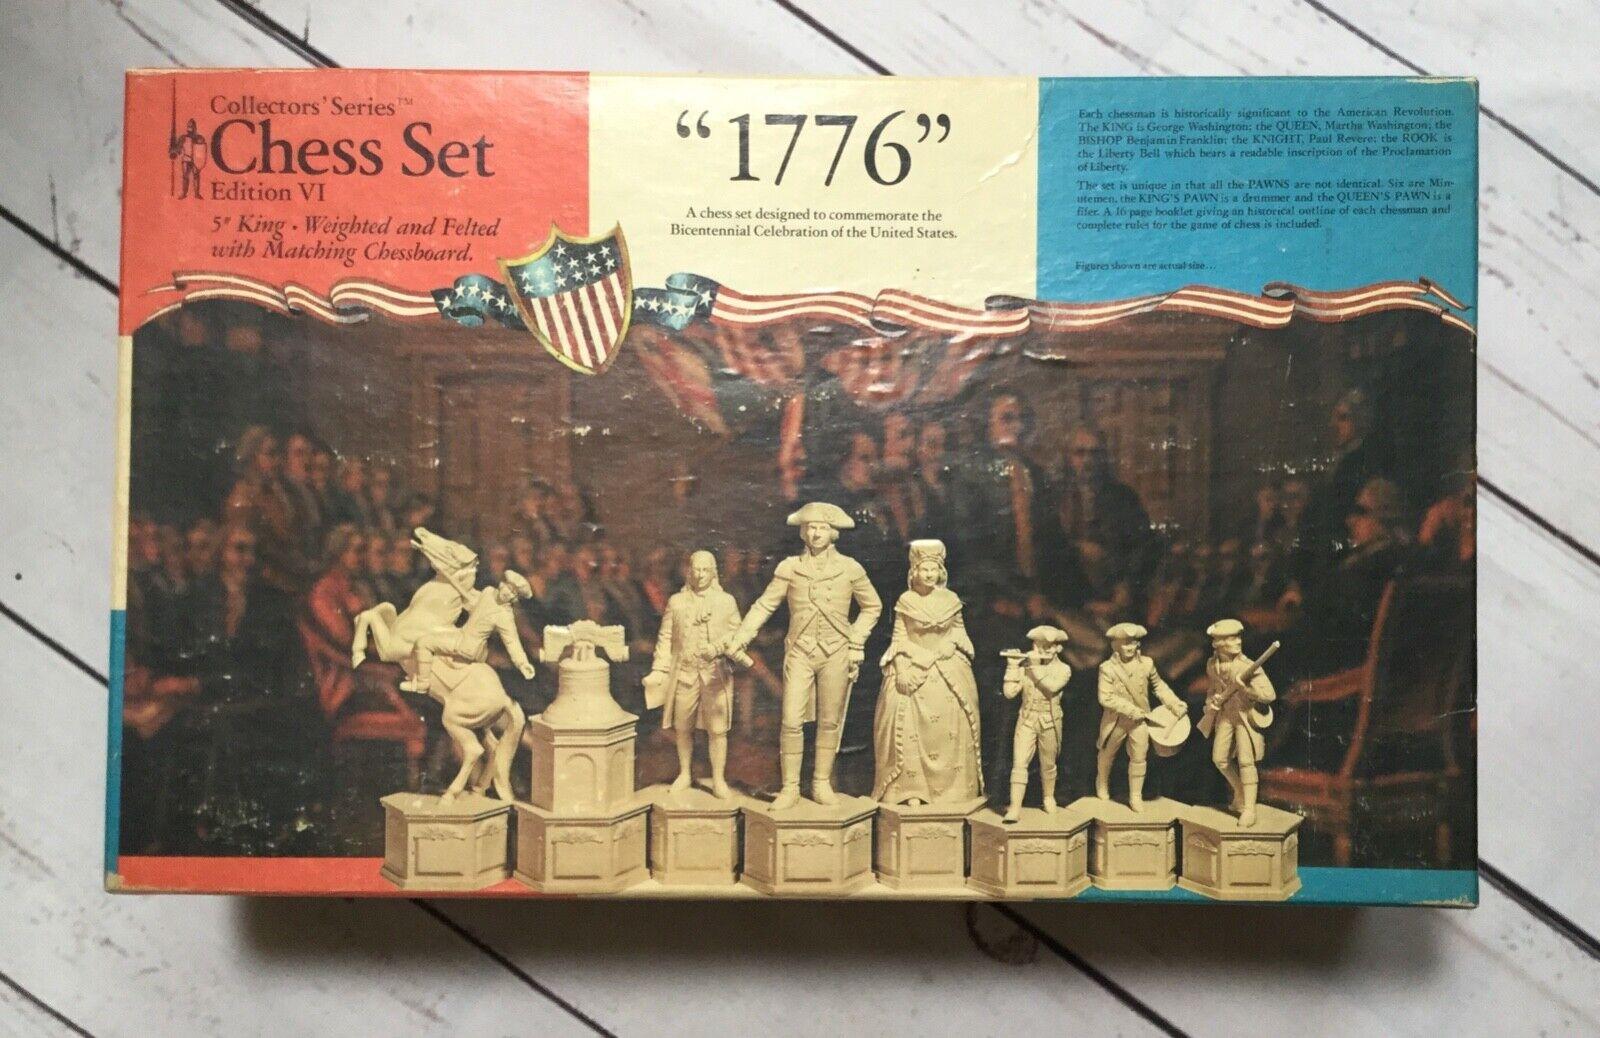 descuento de ventas Poco común 1974 1974 1974 Juegos Clásicos Coleccionistas serie juego de ajedrez edición VI 1776  distribución global